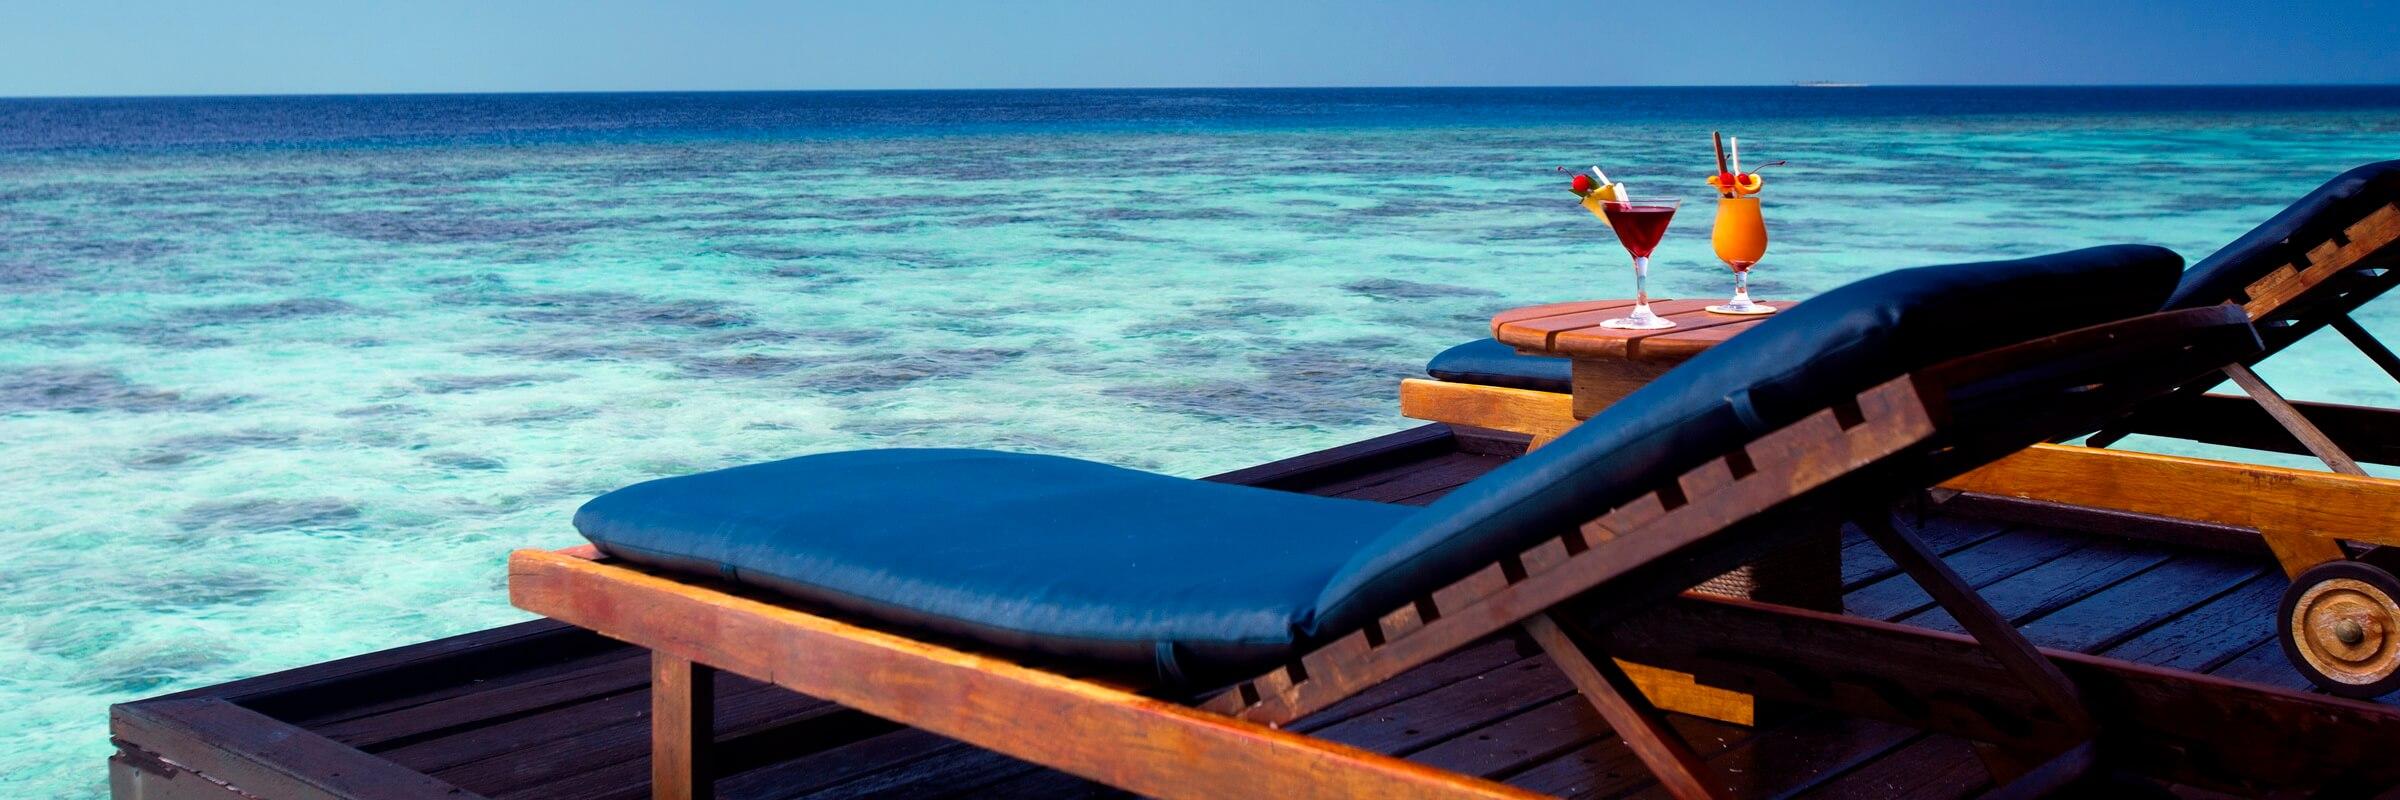 Die Water Villa Unterkünfte im Filitheyo Island Resort verfügen über einen 28 m² großen Außenbereich.